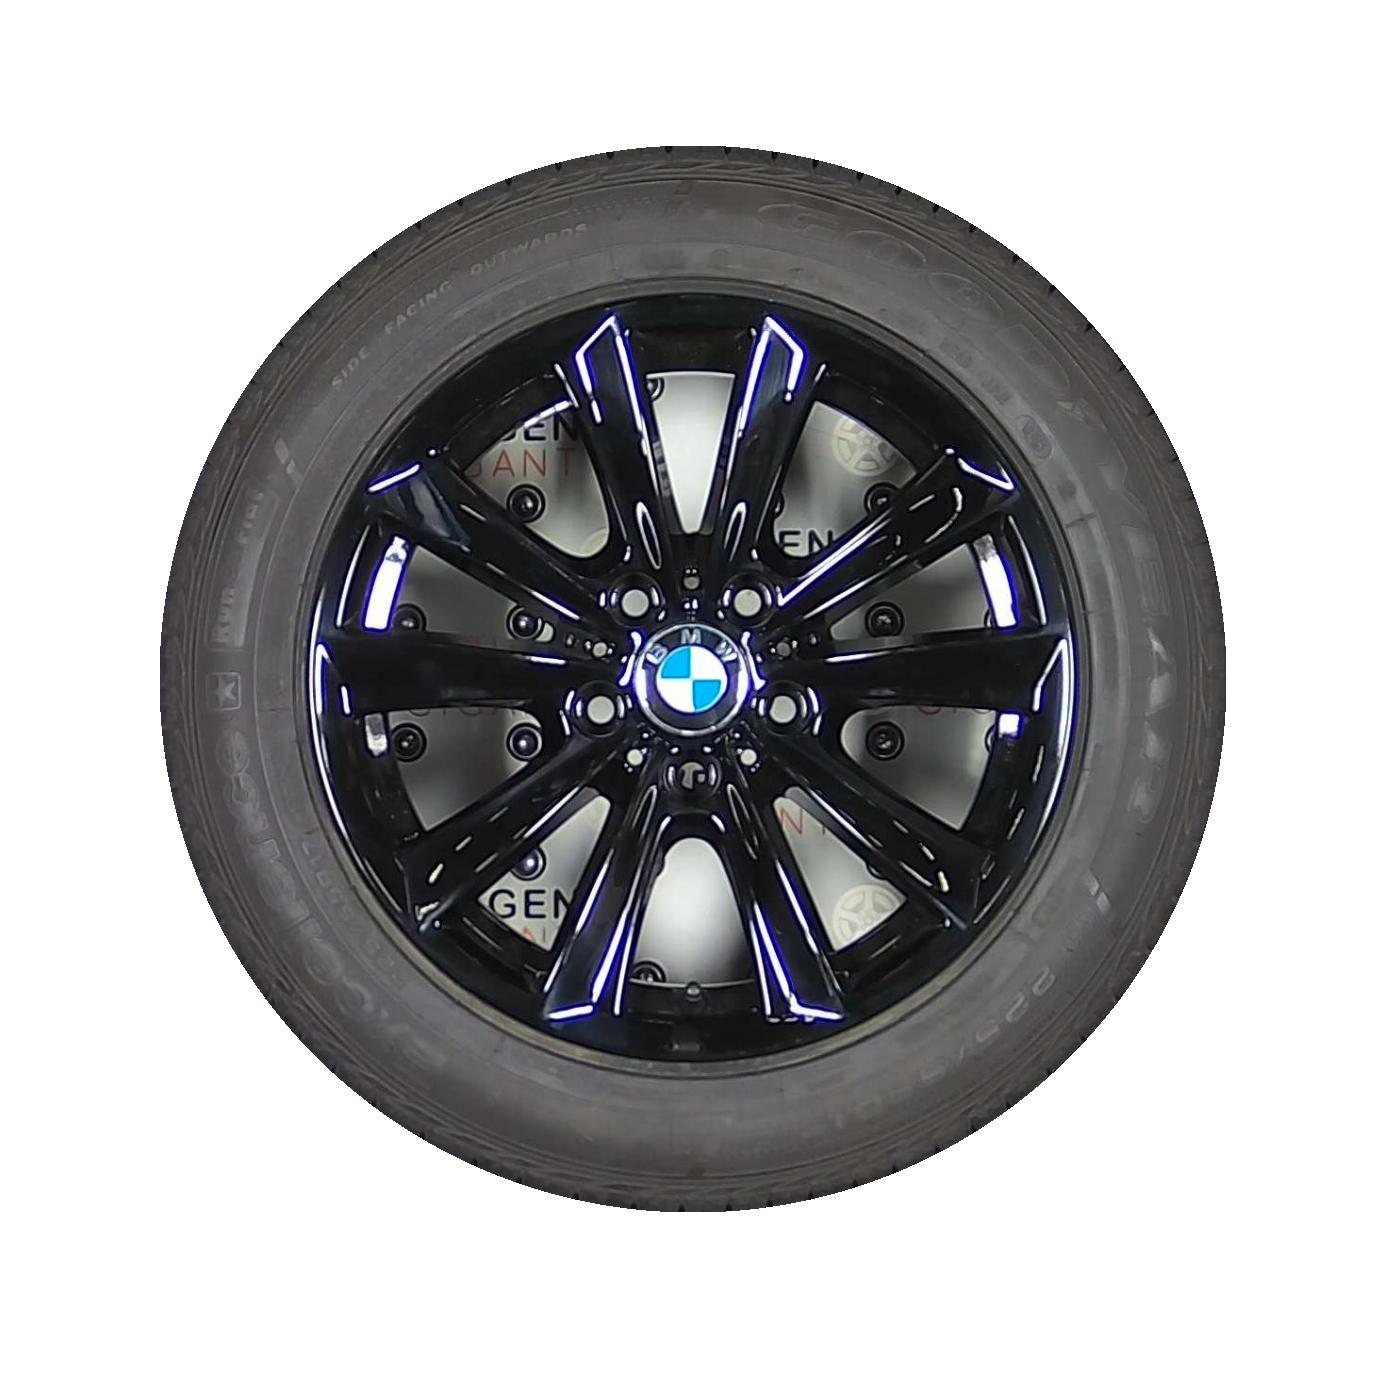 Bmw 5 Serie Styling 236 Velgen 17 Inch Zwart Als Nieuw Met Bridgestone En Goodyear Rof Zomerbanden